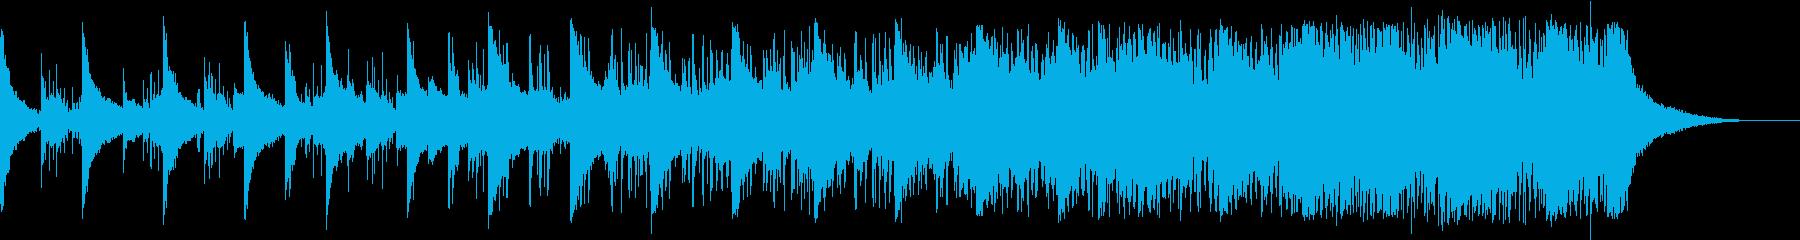 潜入のシーン/緊迫感/エレクトロの再生済みの波形